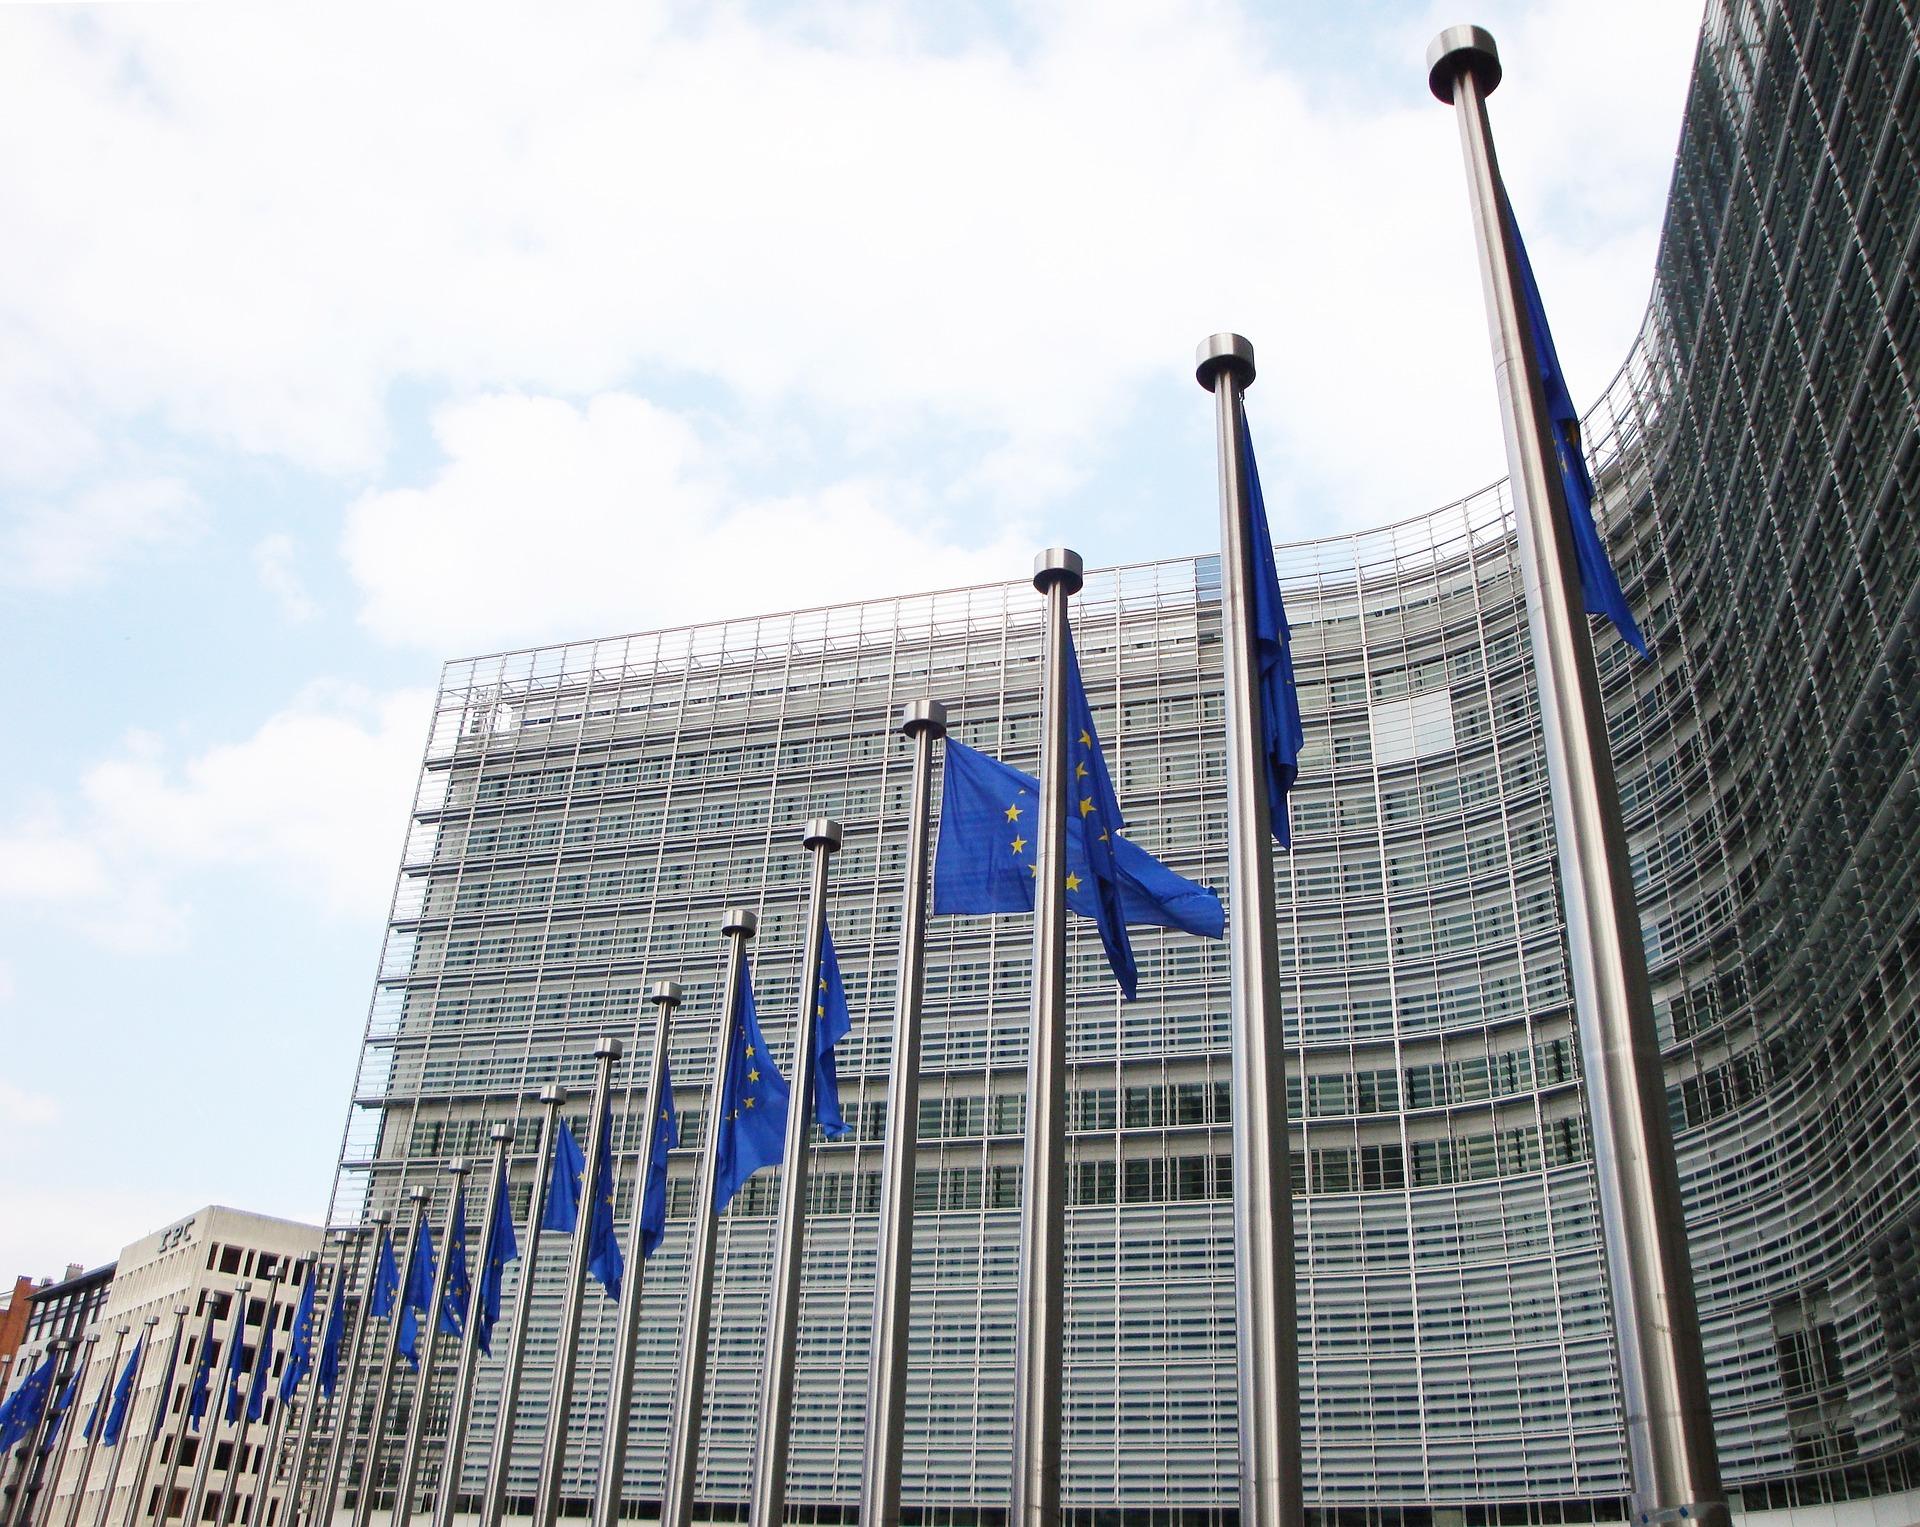 Europäischer Klimaschutz und Europäischer Rat. Rechtsnatur und Entwicklung der Treibhausgasminderungsziele auf europäischer Ebene